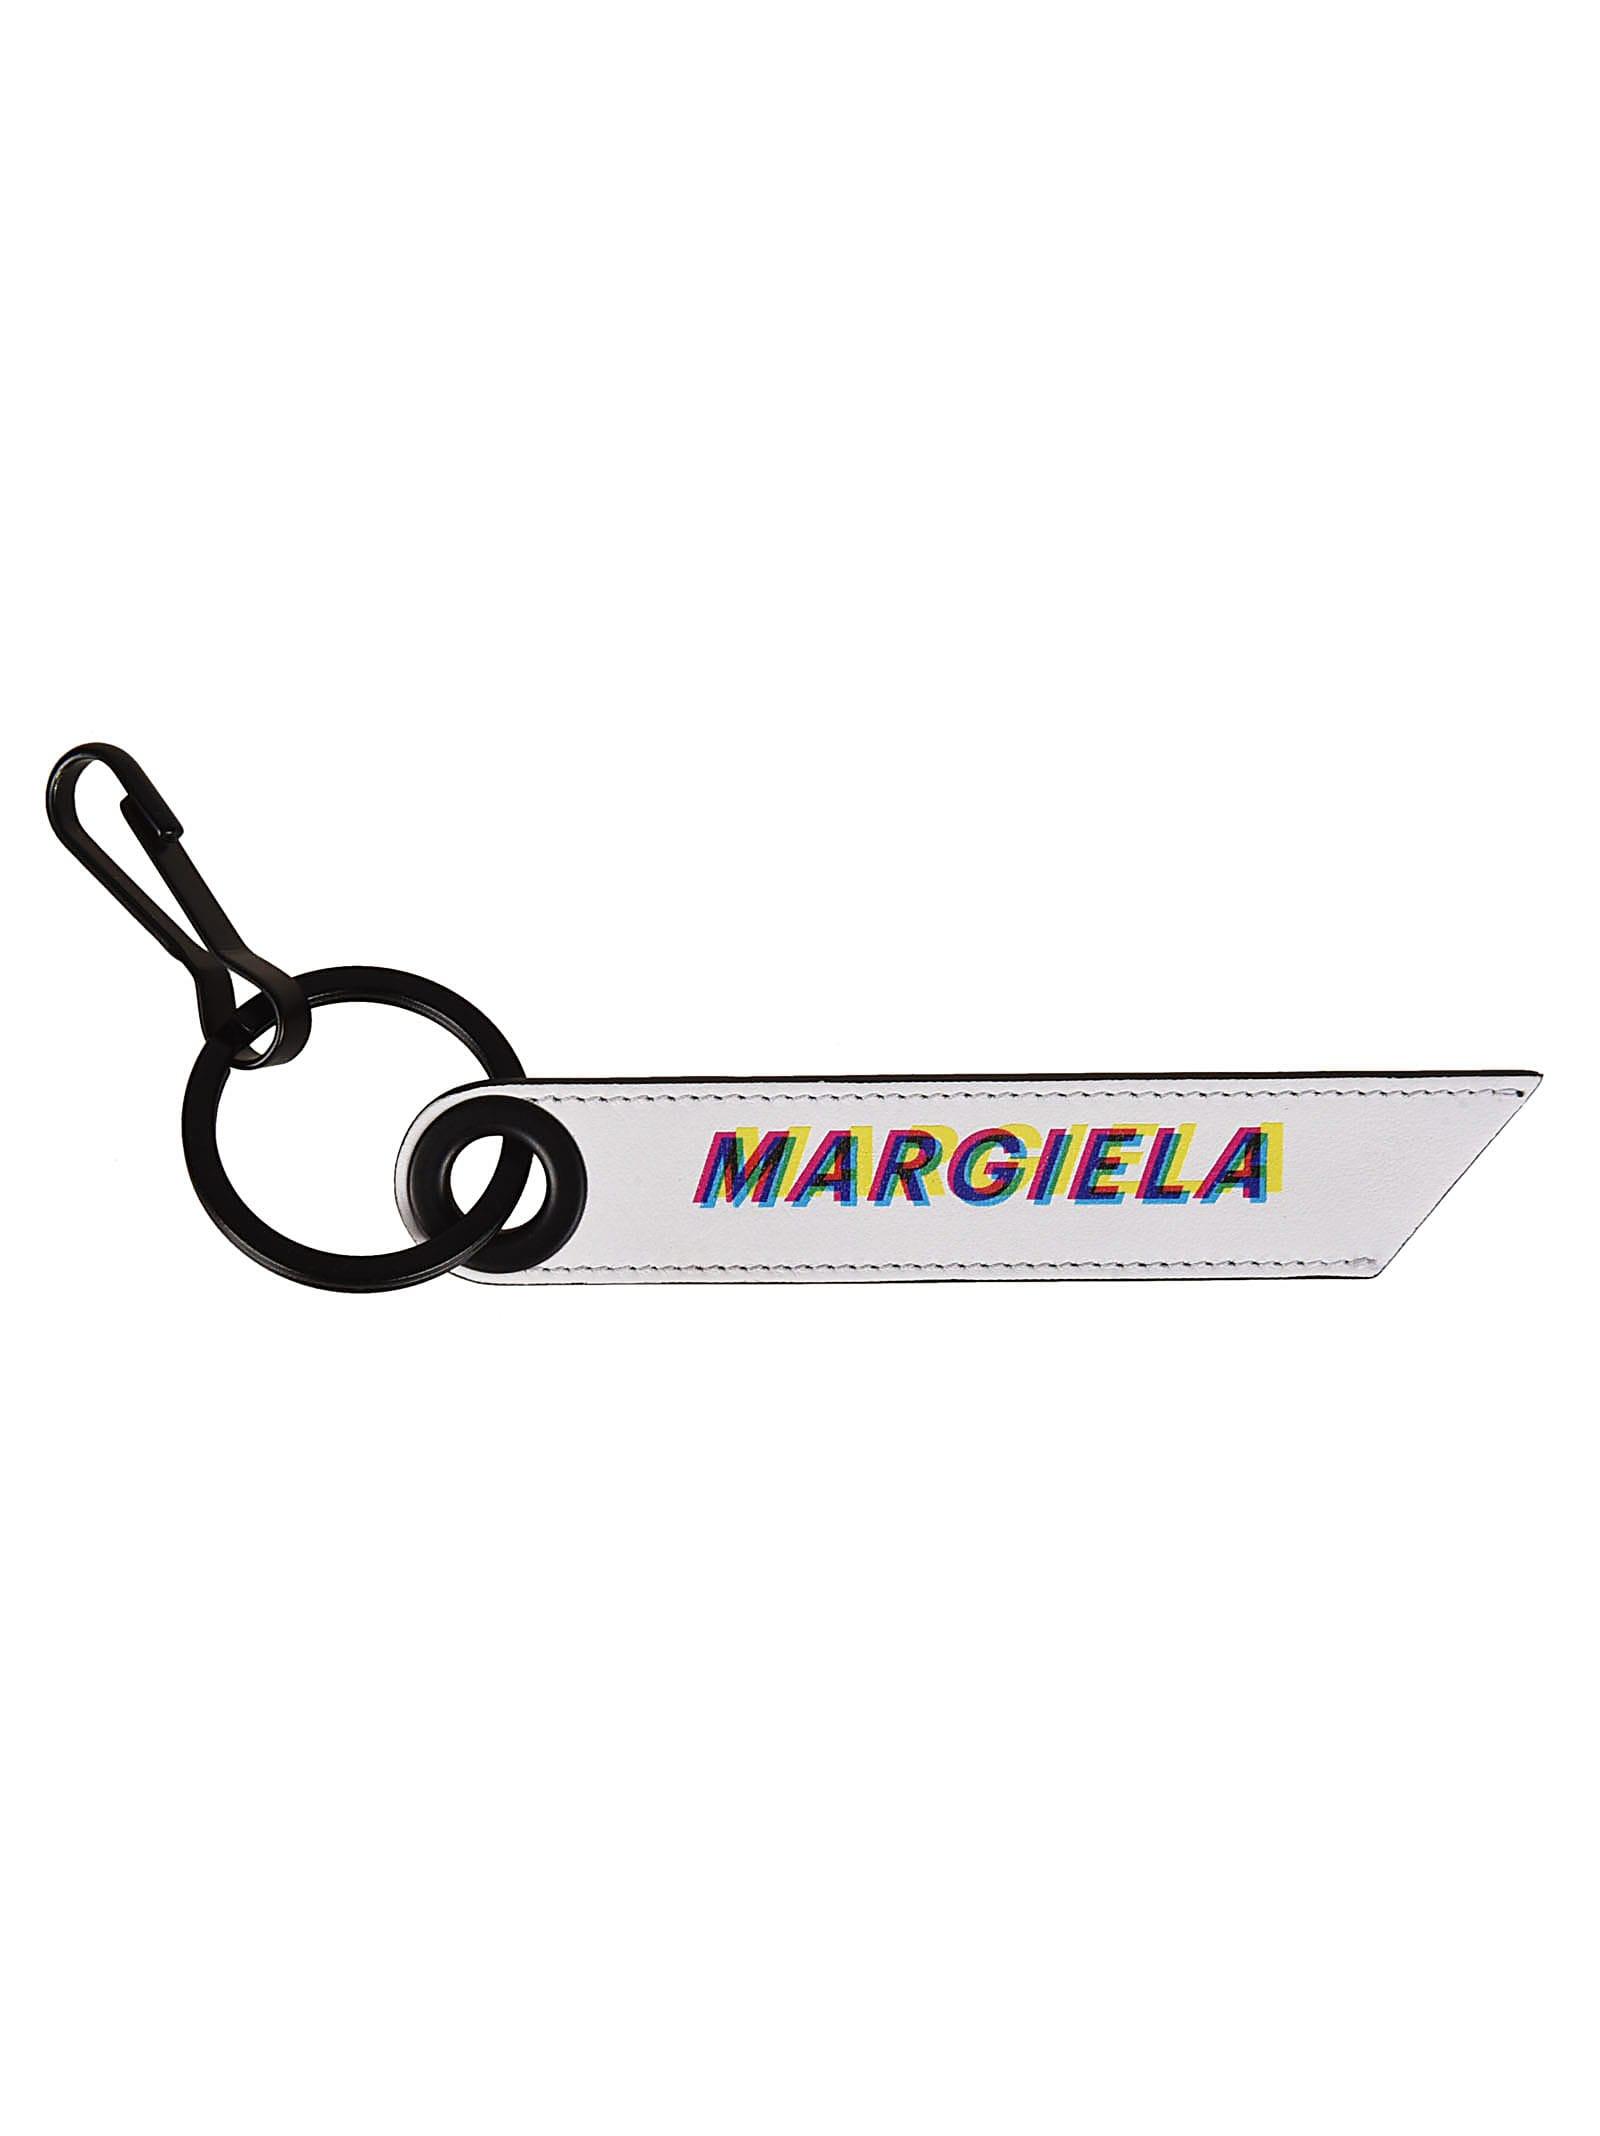 Maison margiela logo clipart image royalty free library Maison Margiela Maison Margiela Logo Keyring - White ... image royalty free library